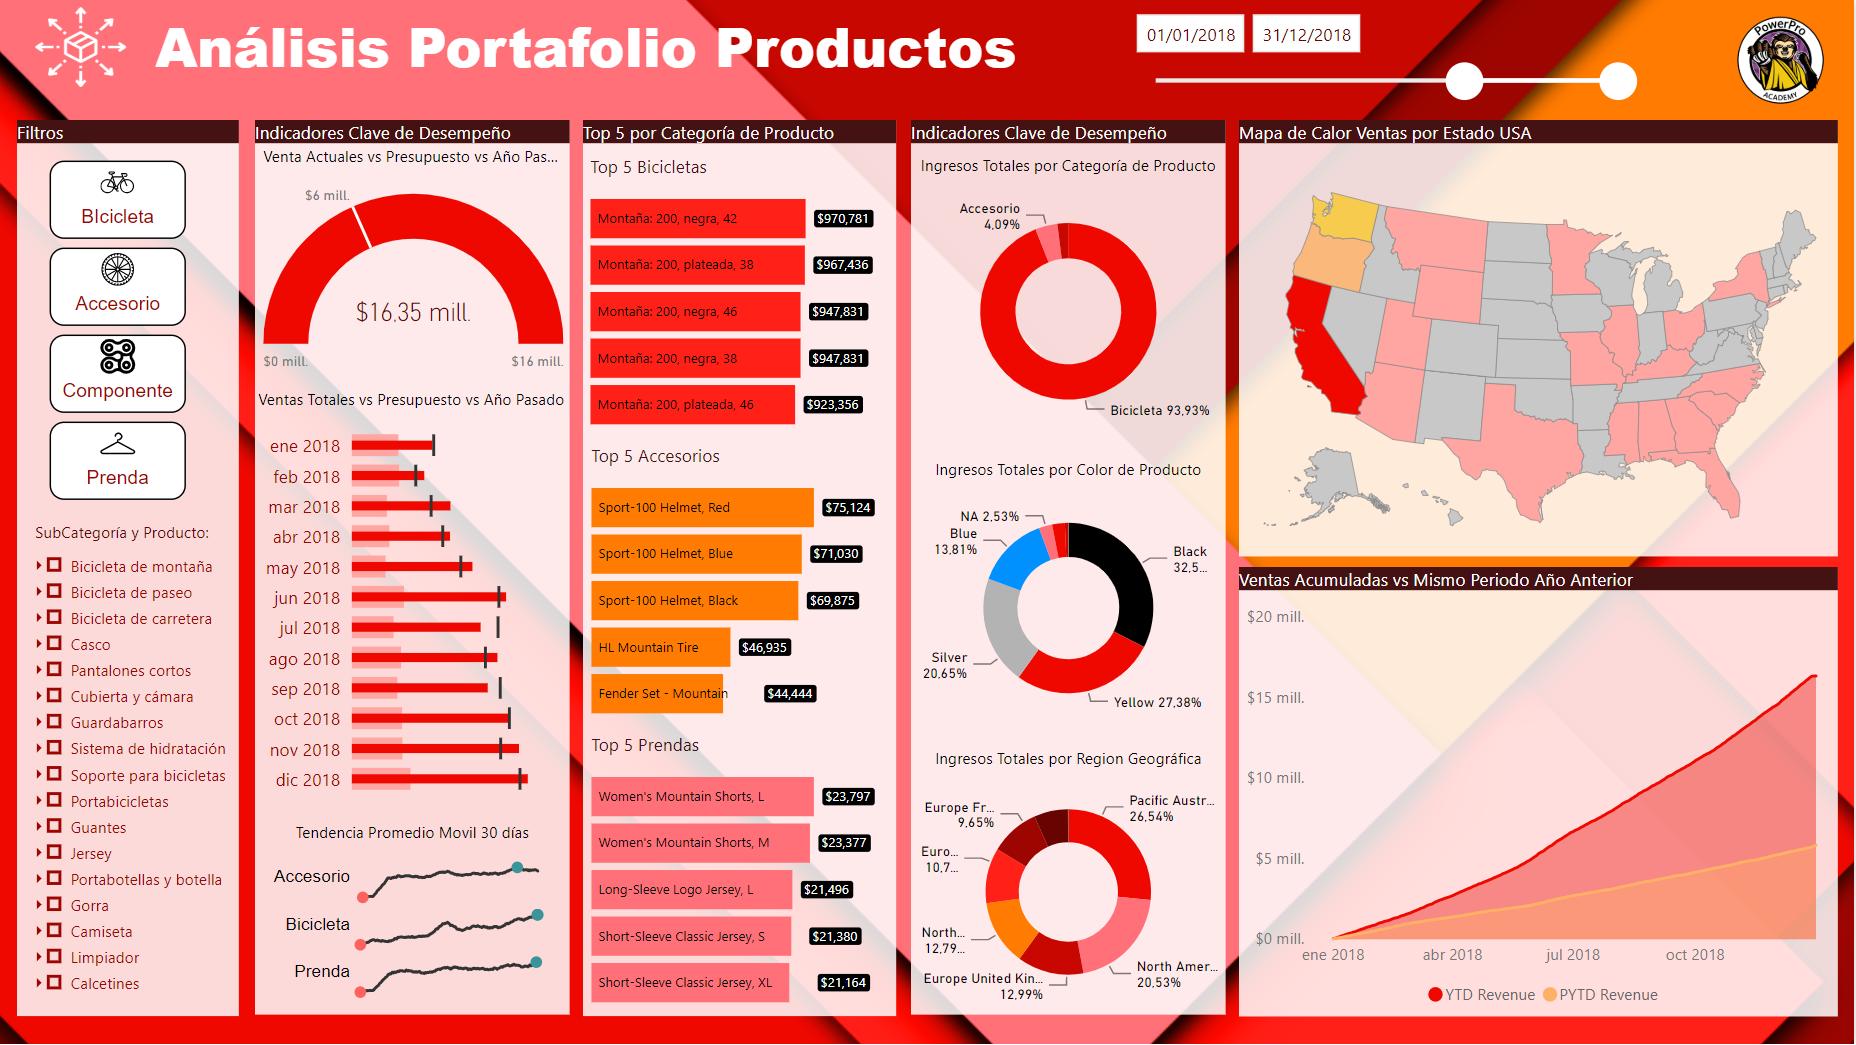 Análisis Portafolio de Productos